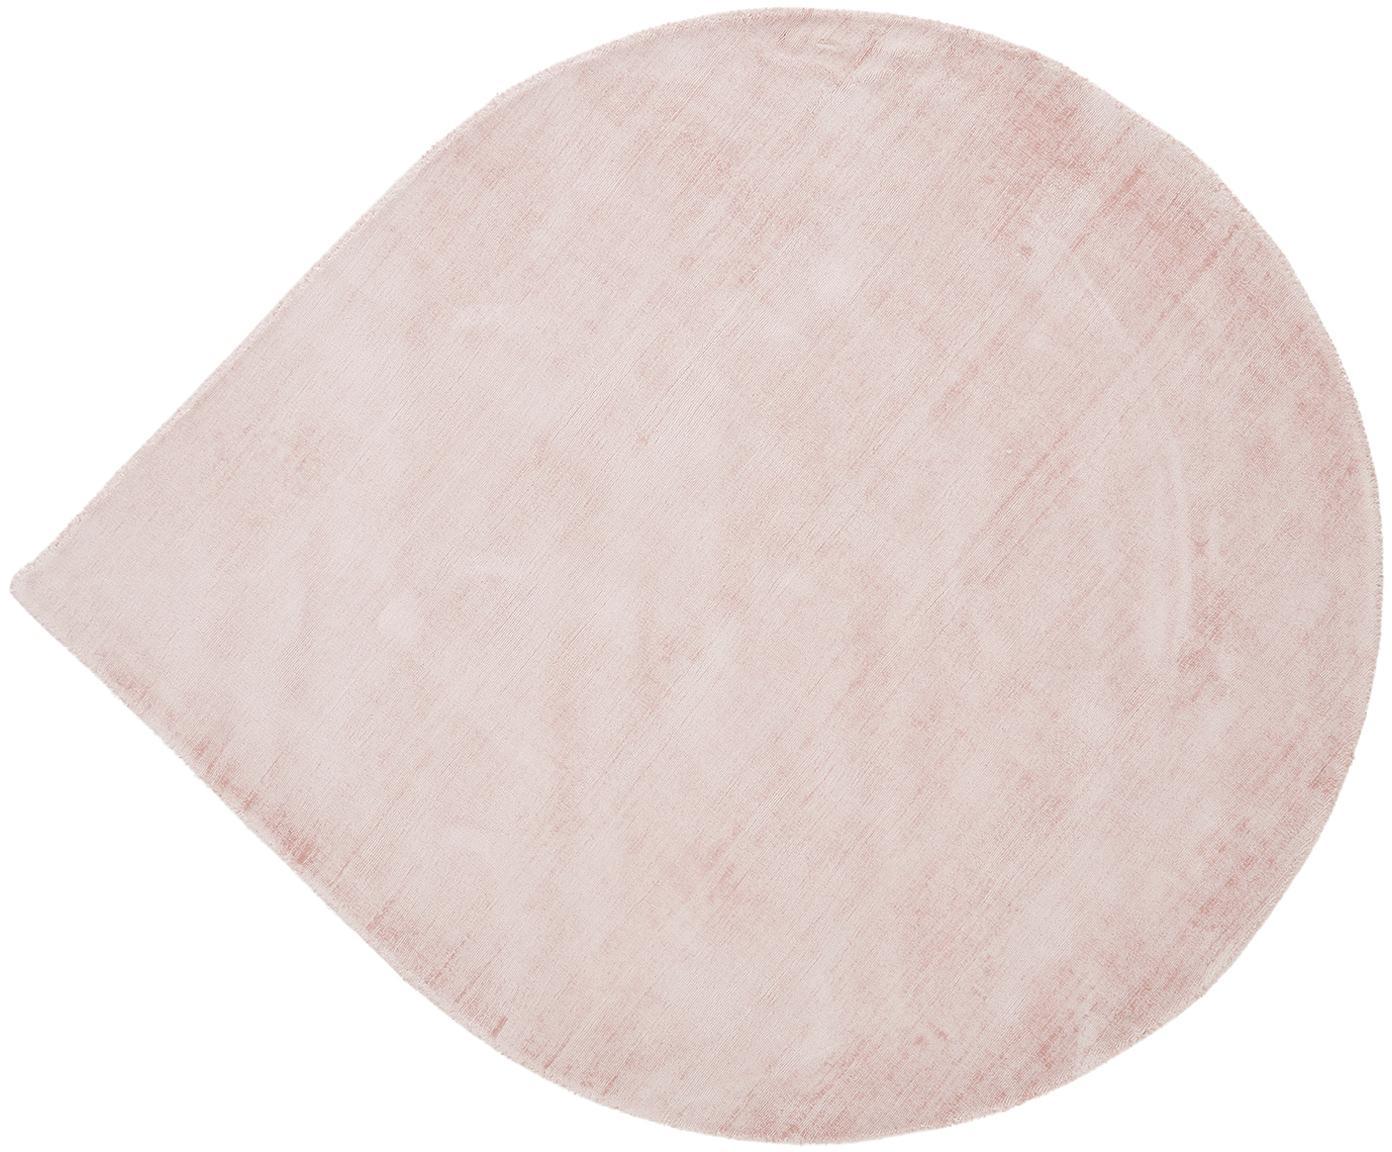 Alfombra artesanal de viscosa Jane Drop, Parte superior: 100%viscosa, Reverso: 100%algodón, Rosa, Ø 150 cm (Tamaño M)